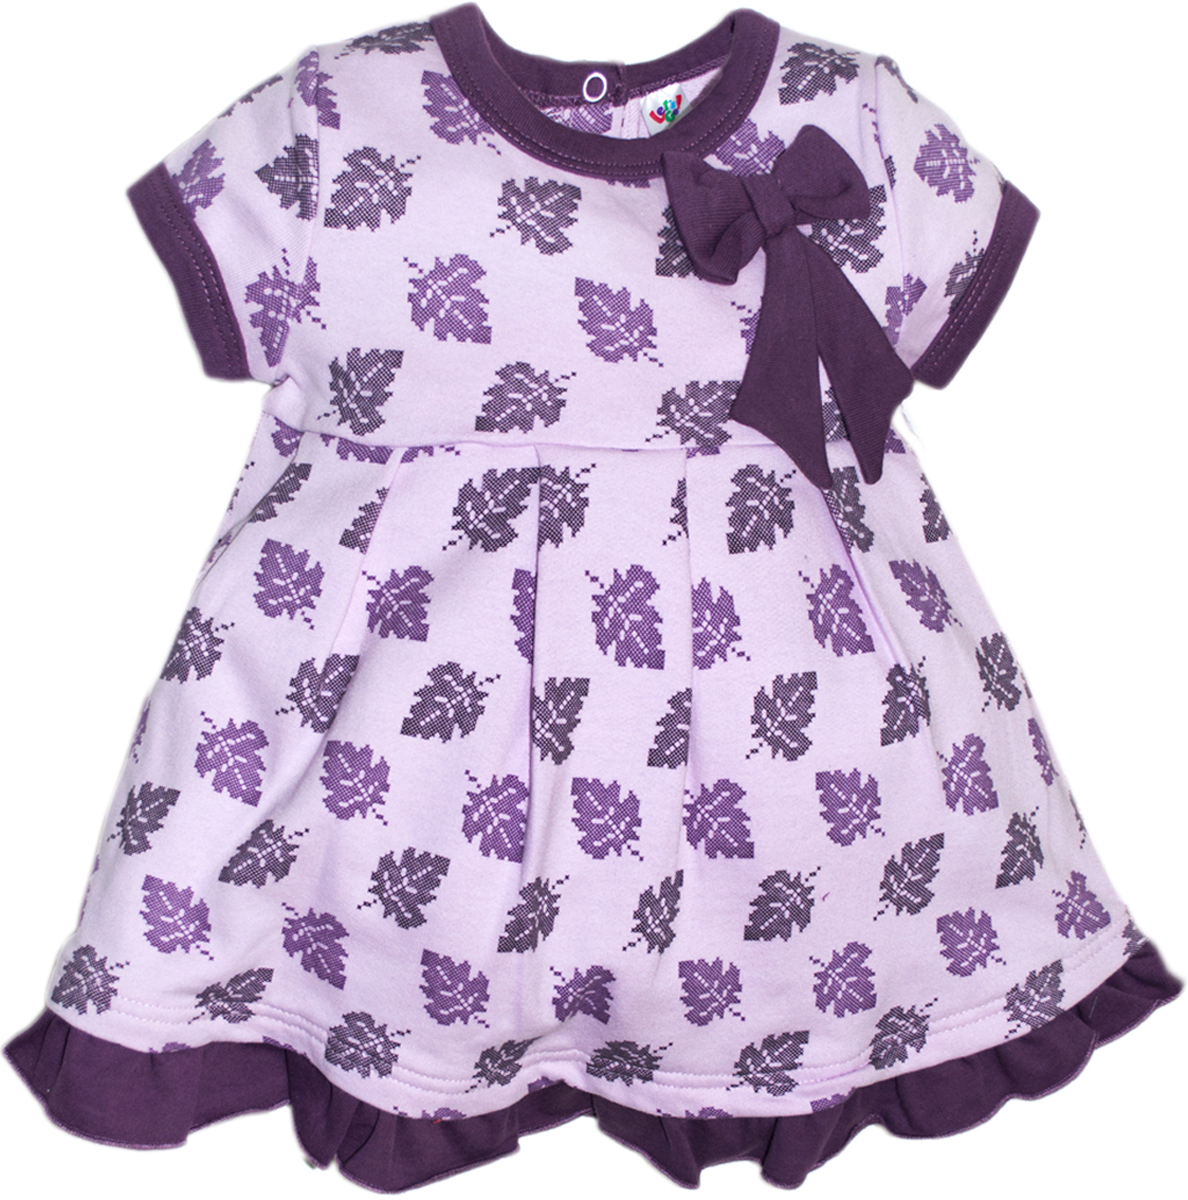 Платье для девочки Let's Go, цвет: сиреневый. 8123. Размер 86 платье без рукавов с декоративным бантом